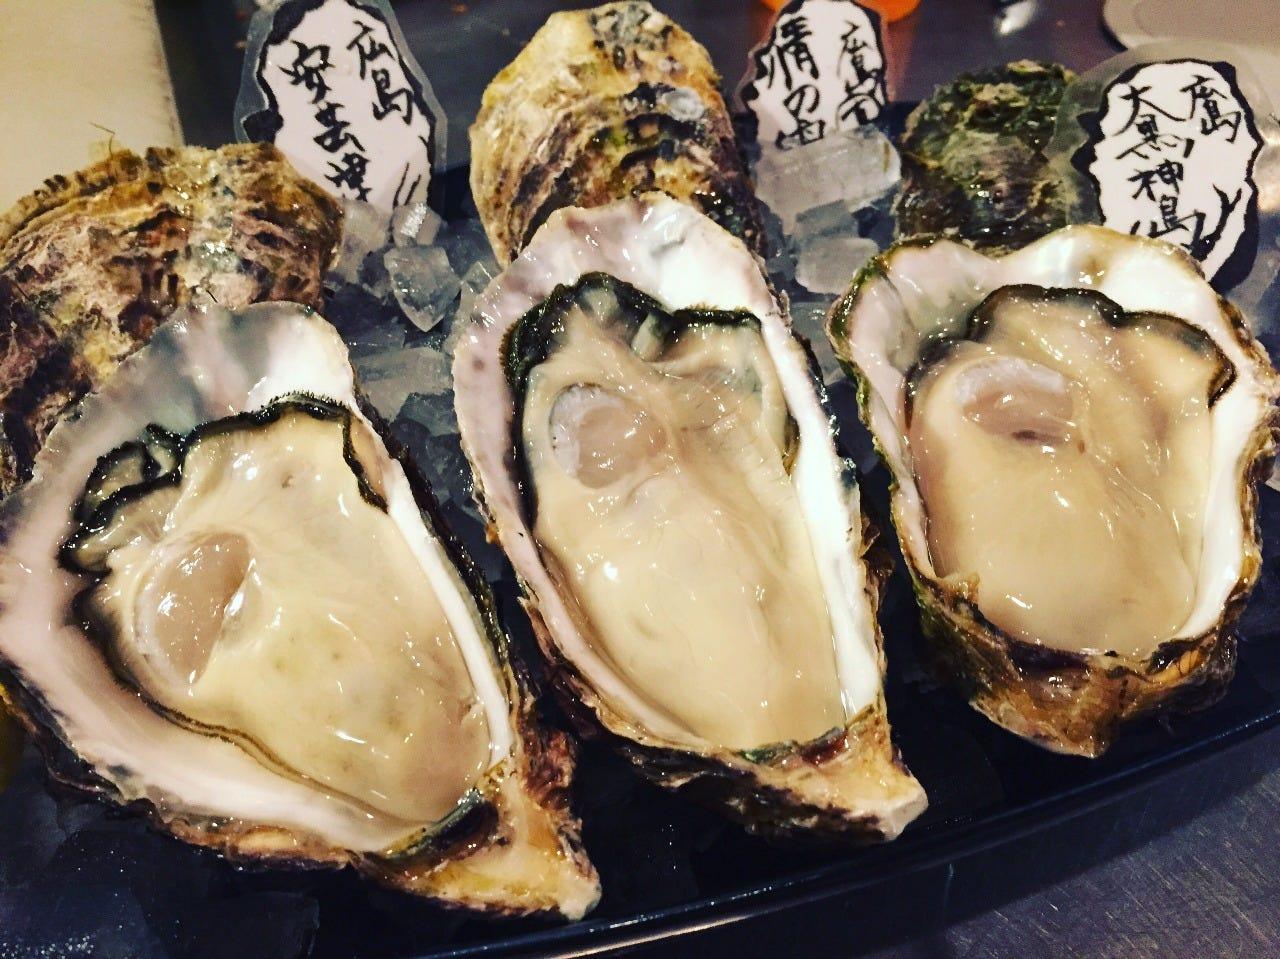 殻付き生牡蠣の食べ比べ!